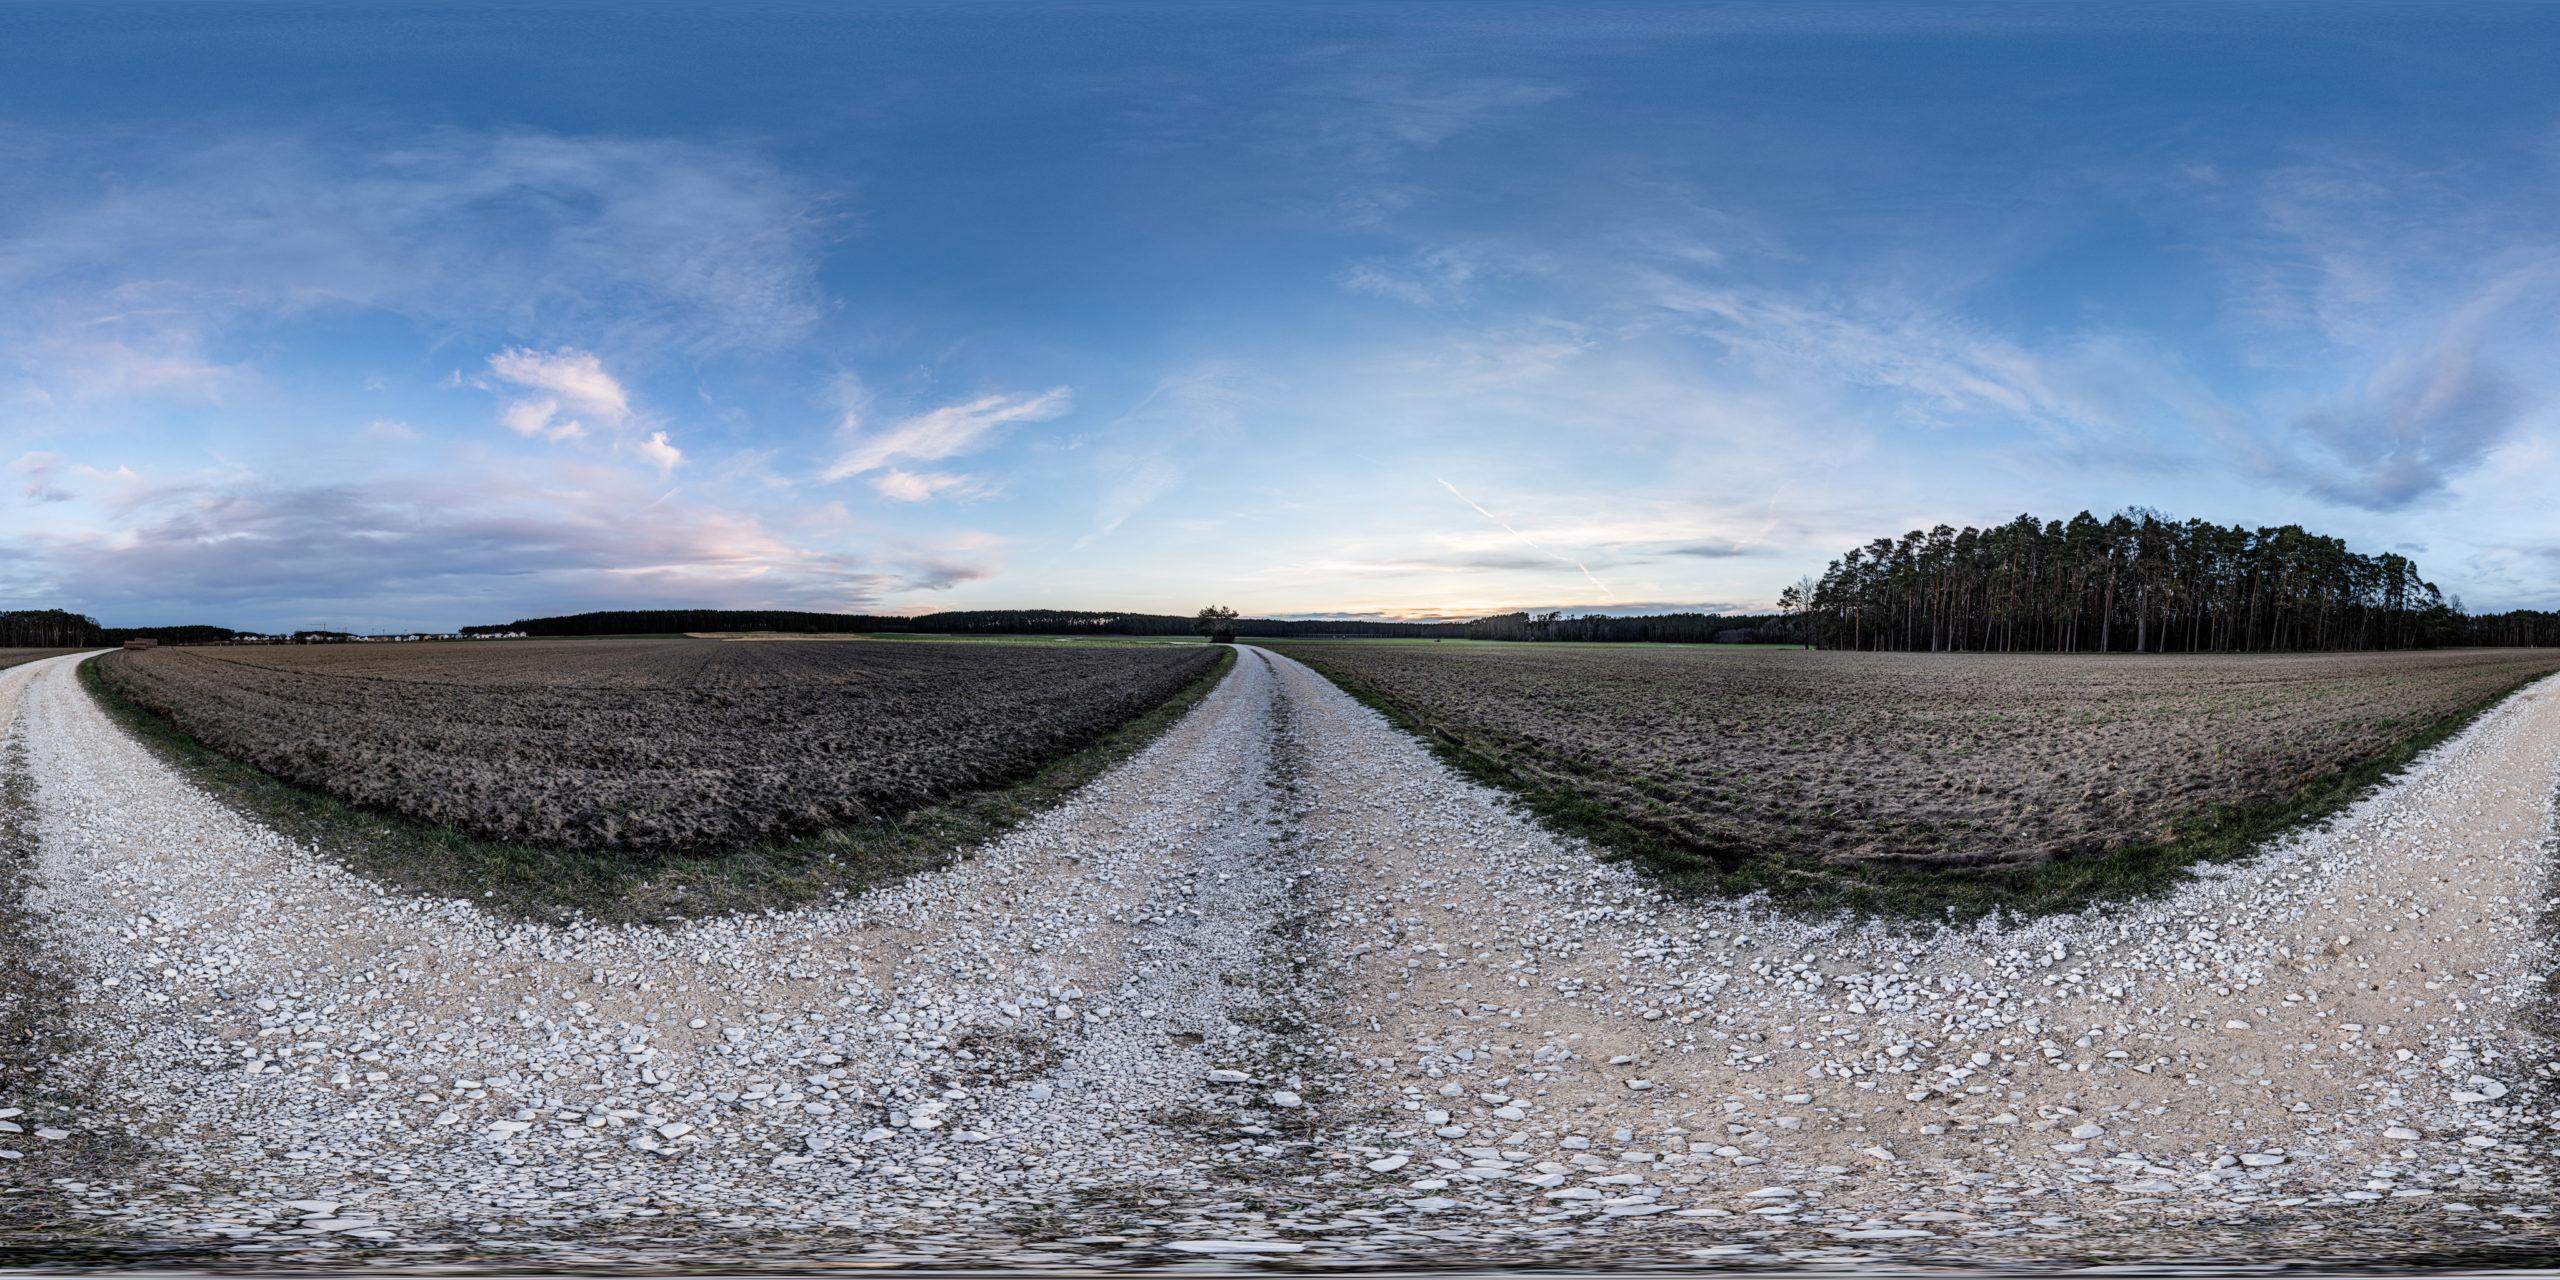 HDRI-Skies-Field-Path-Rummbach